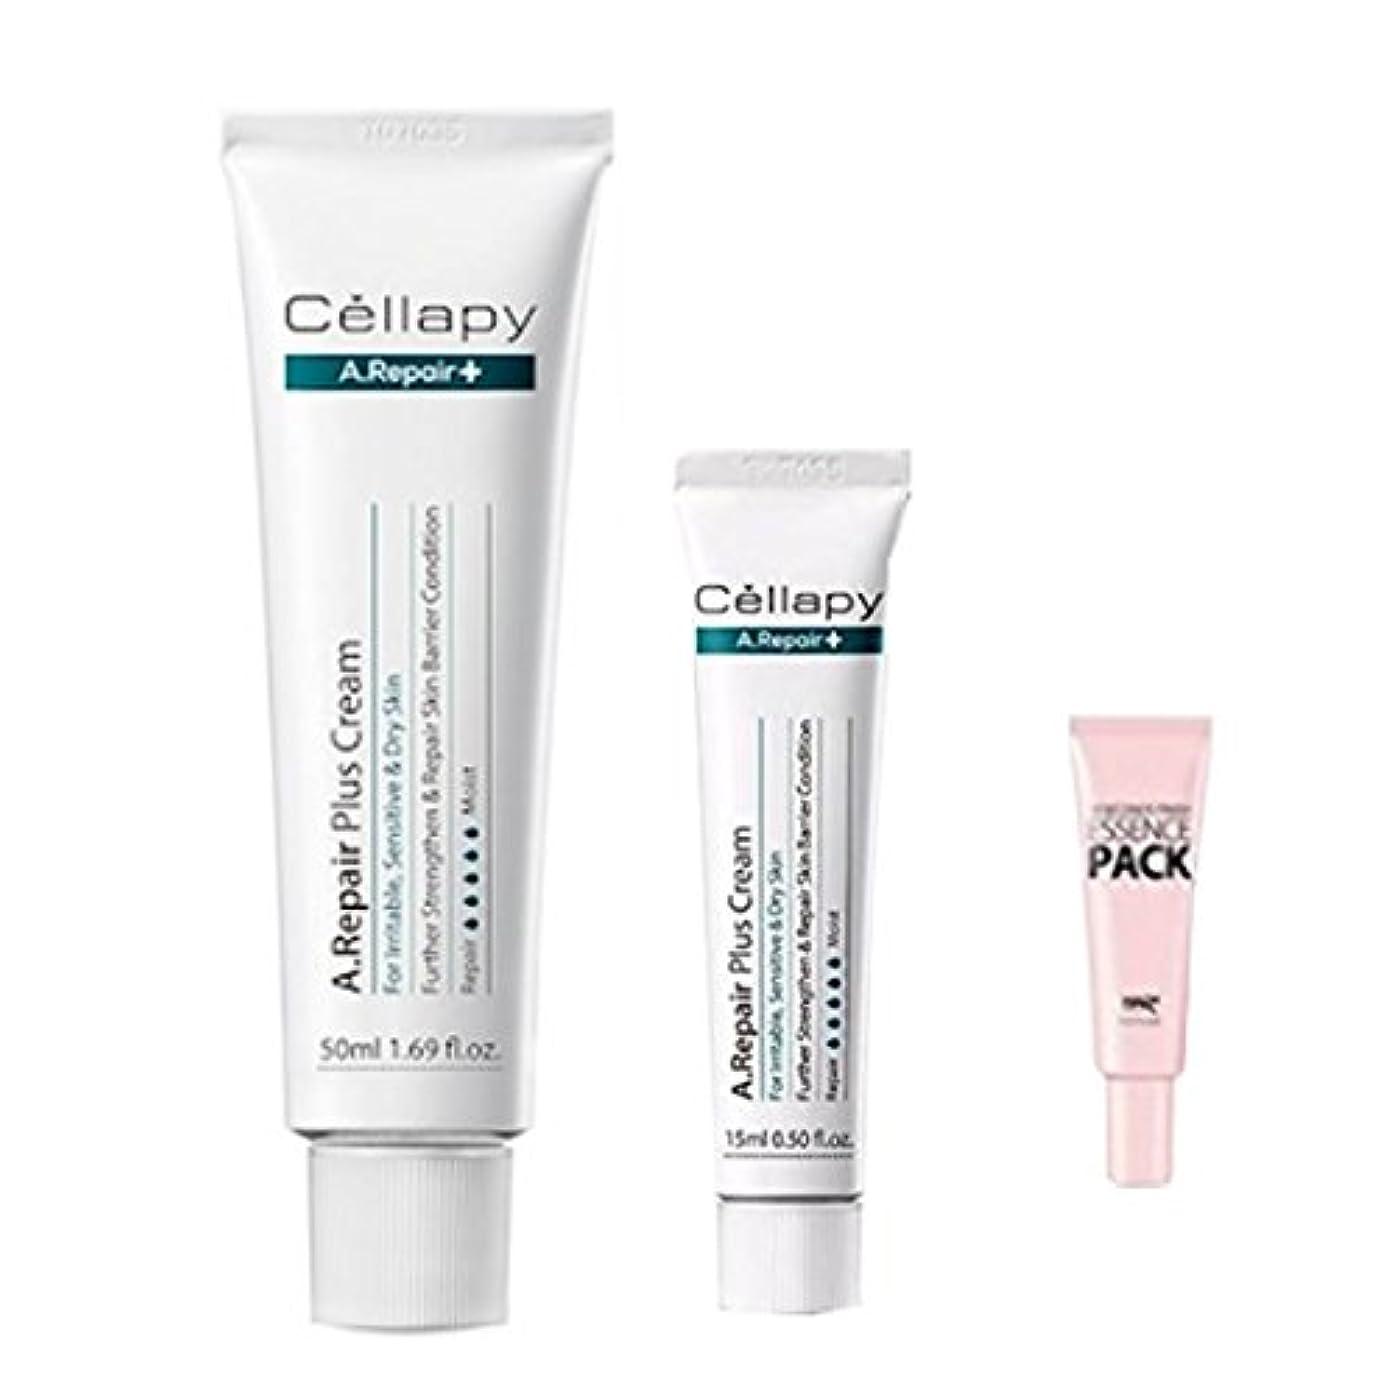 請求書アカデミック眠いですセラピ エイリペアプラスクリーム50ml+15ml [並行輸入品]/Cellapy A.Repair Plus Cream for Irritable, Sensitive & Dry Skin 50ml(1.69fl.oz...